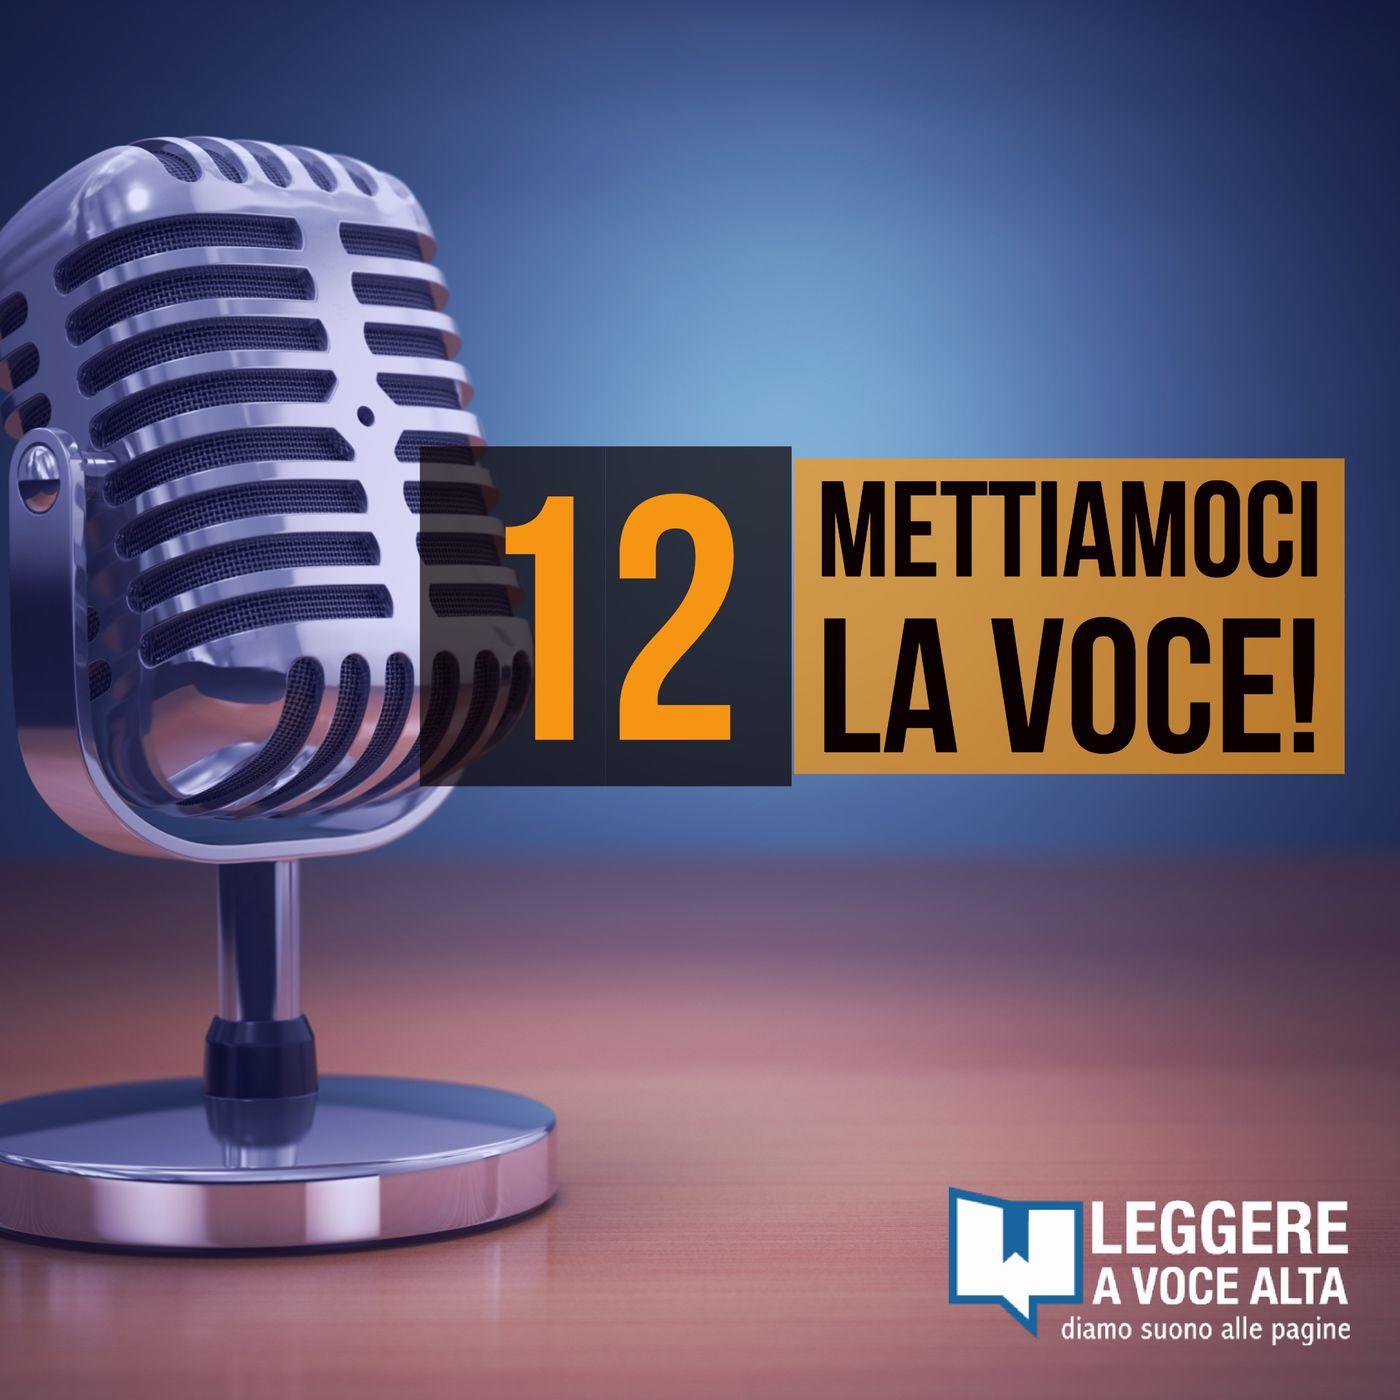 12 - L'importanza dell'ascolto